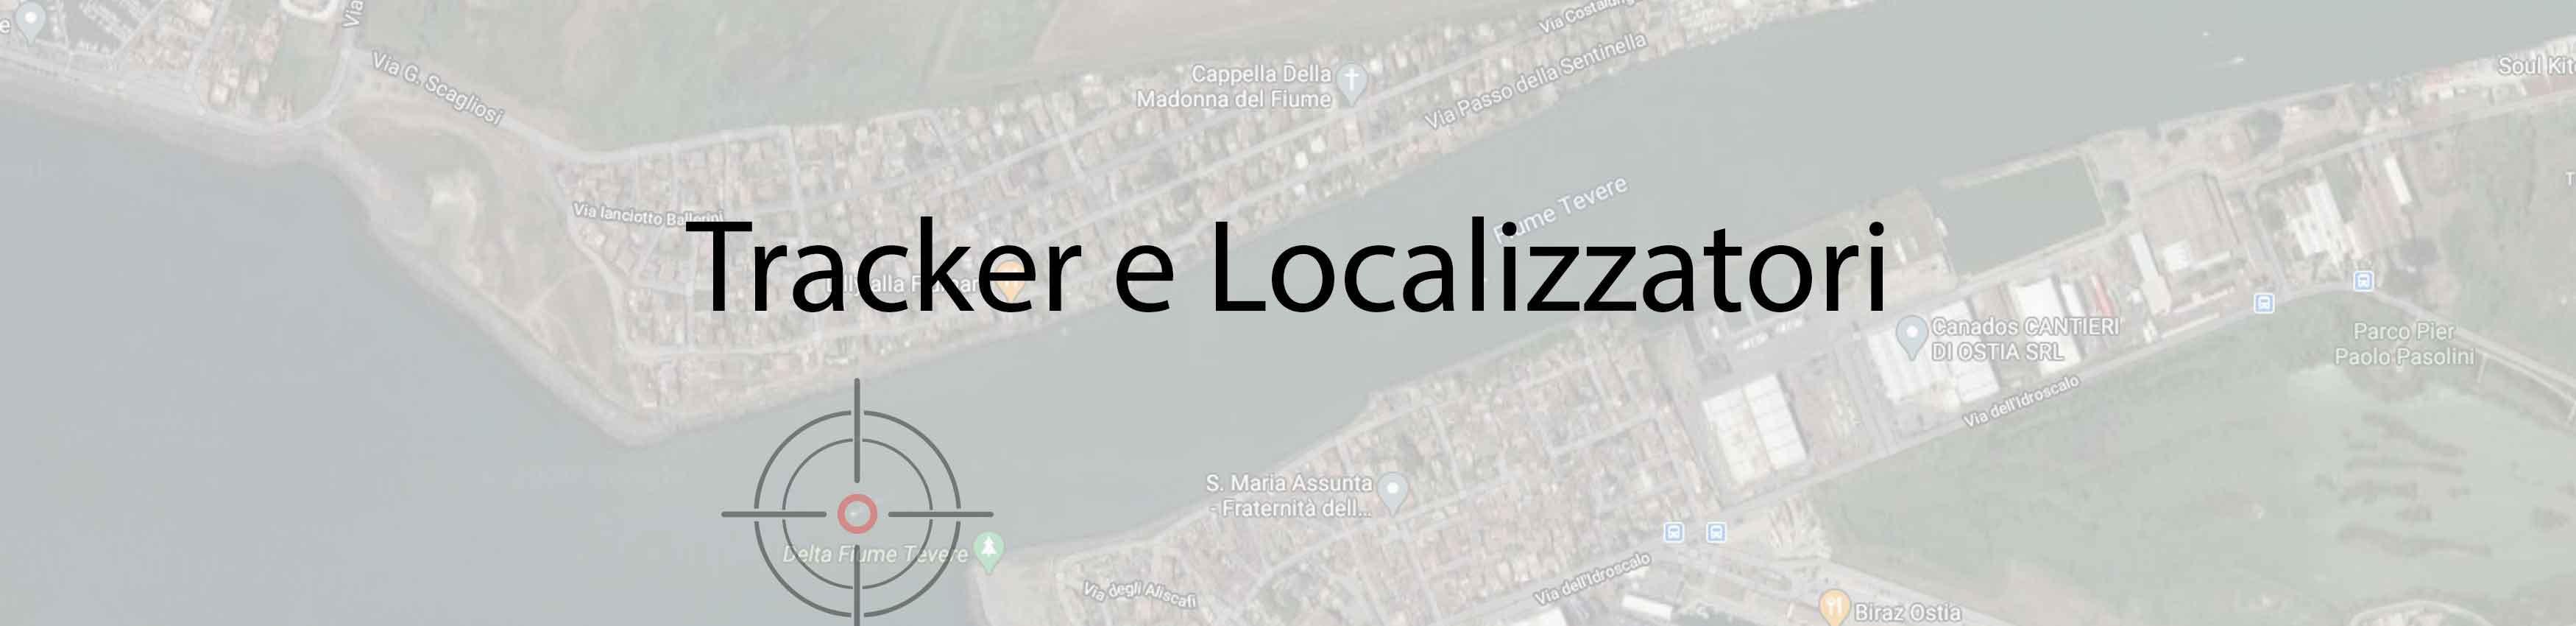 Tracker e localizzatori